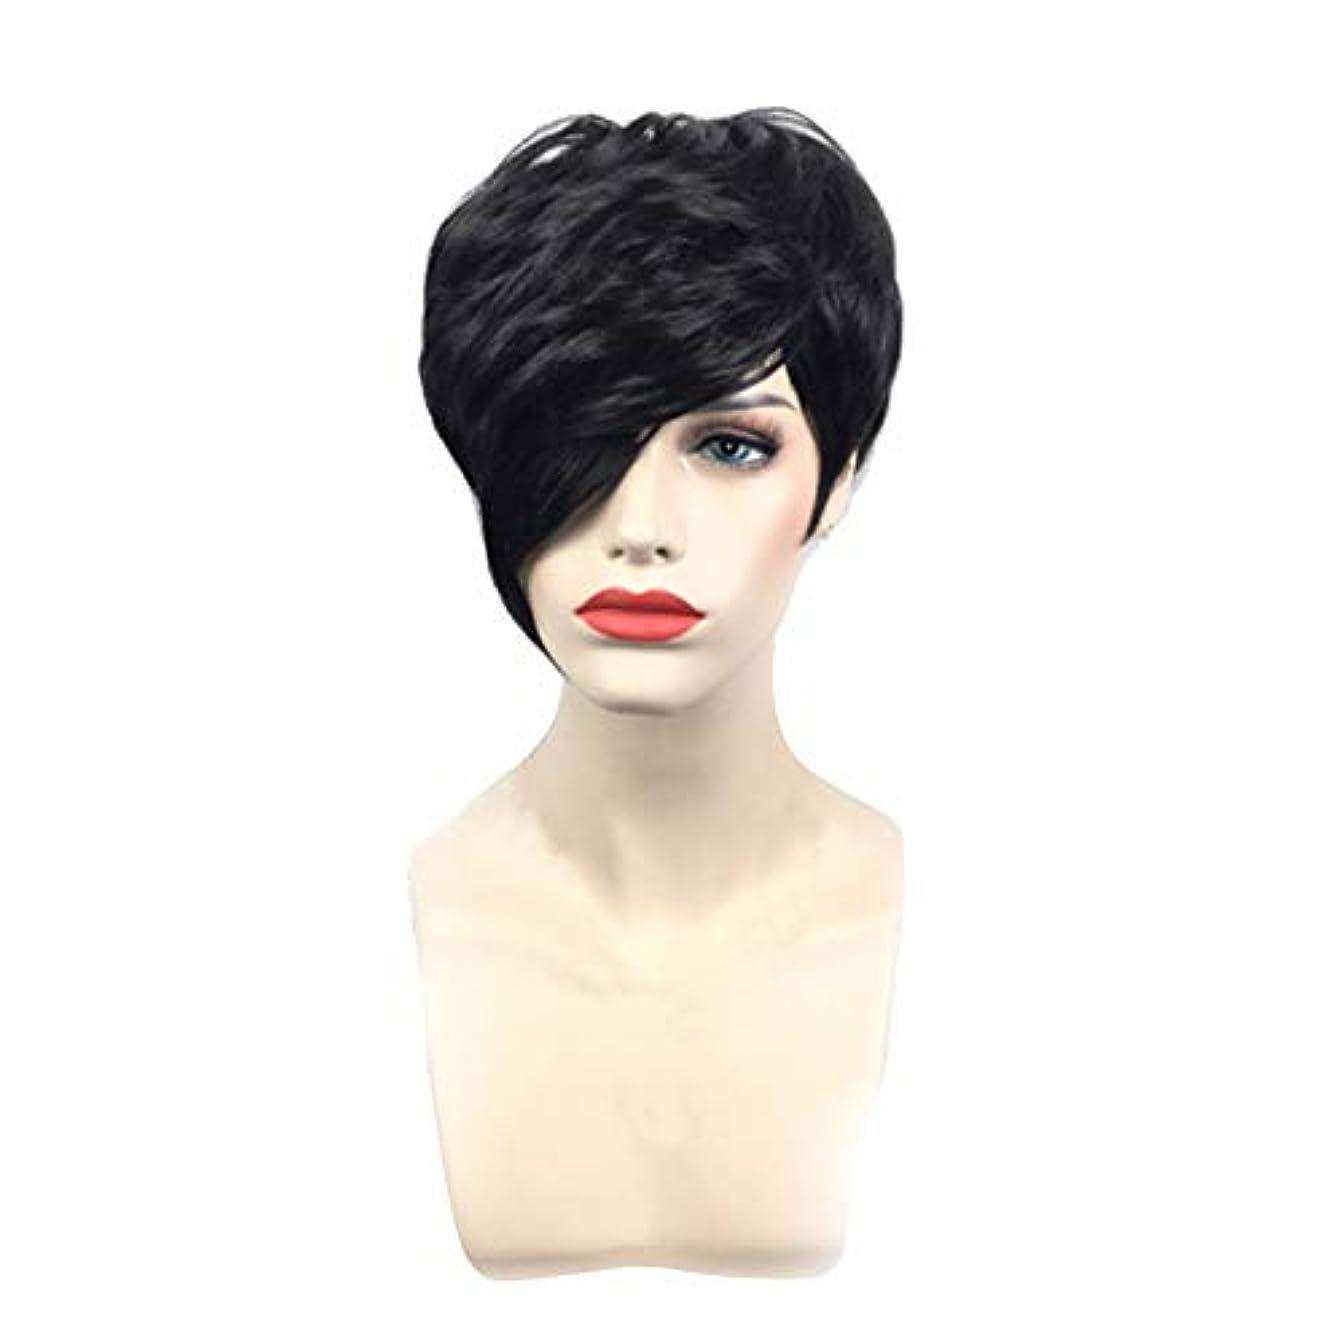 バンジージャンプ買い物に行く魂黒の短いストレートヘアフルウィッグファッションコス小道具かつら